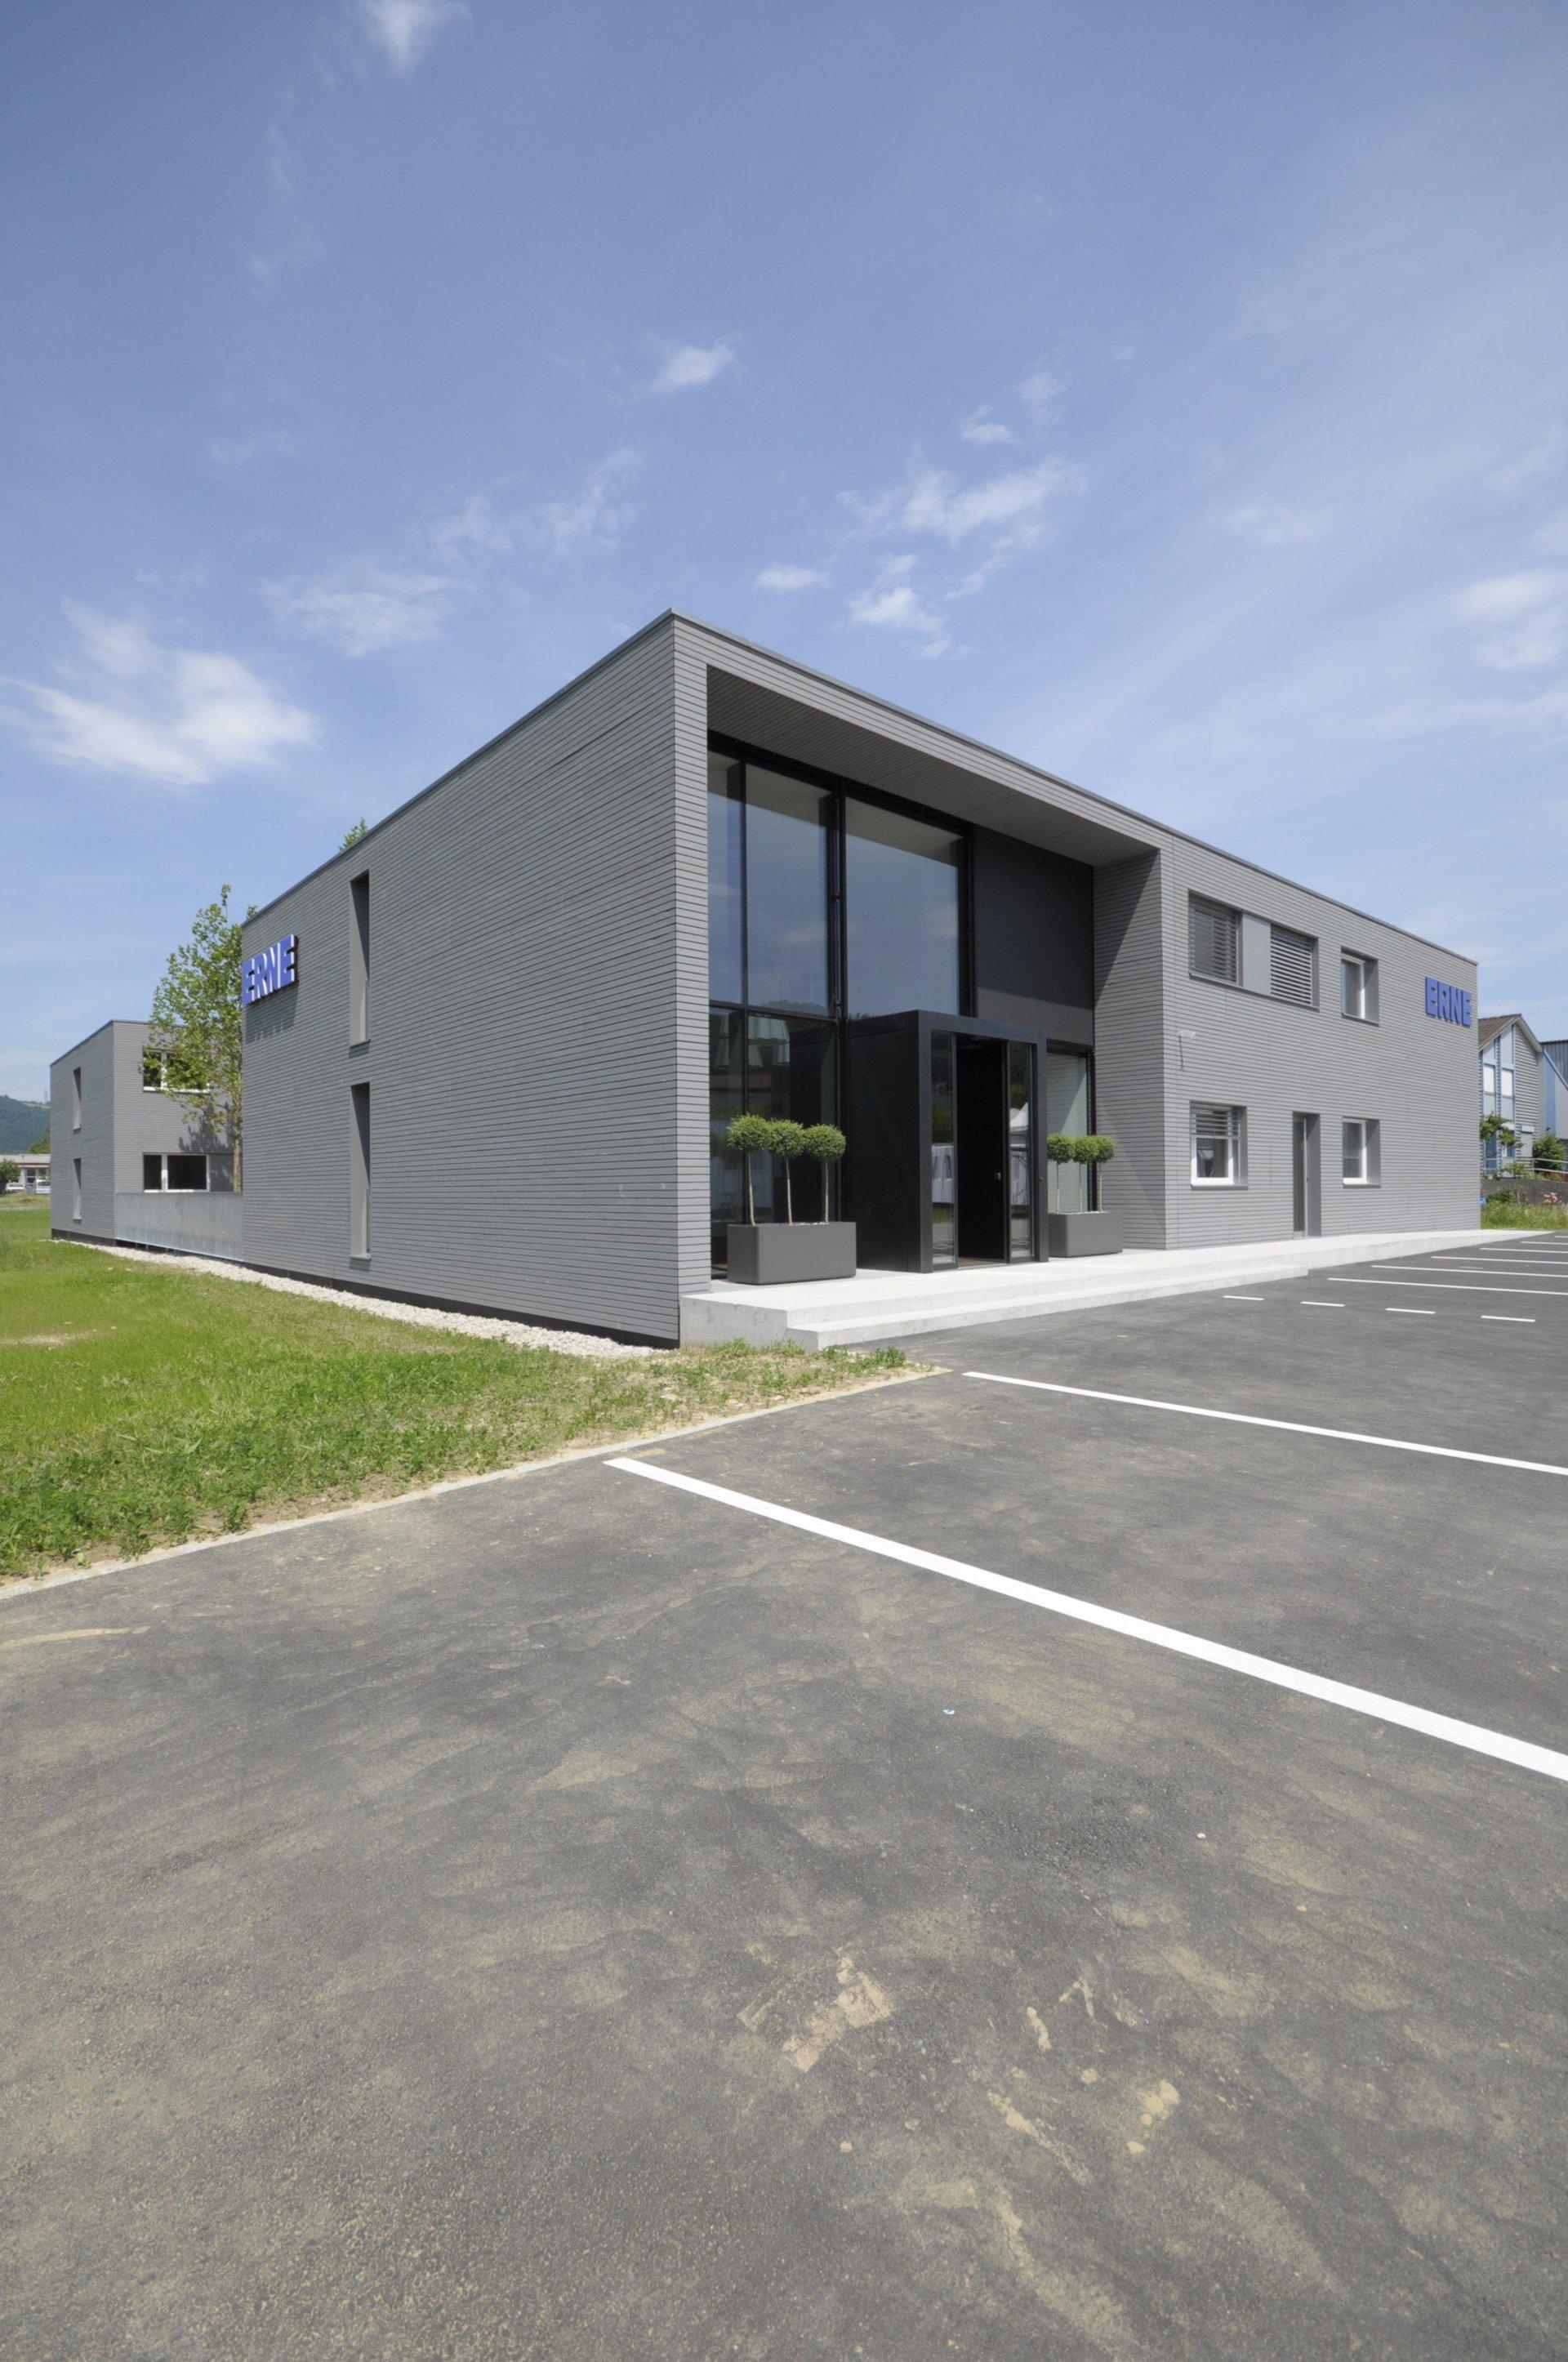 2-stöckiges Bürogebäude in Modulbauweise